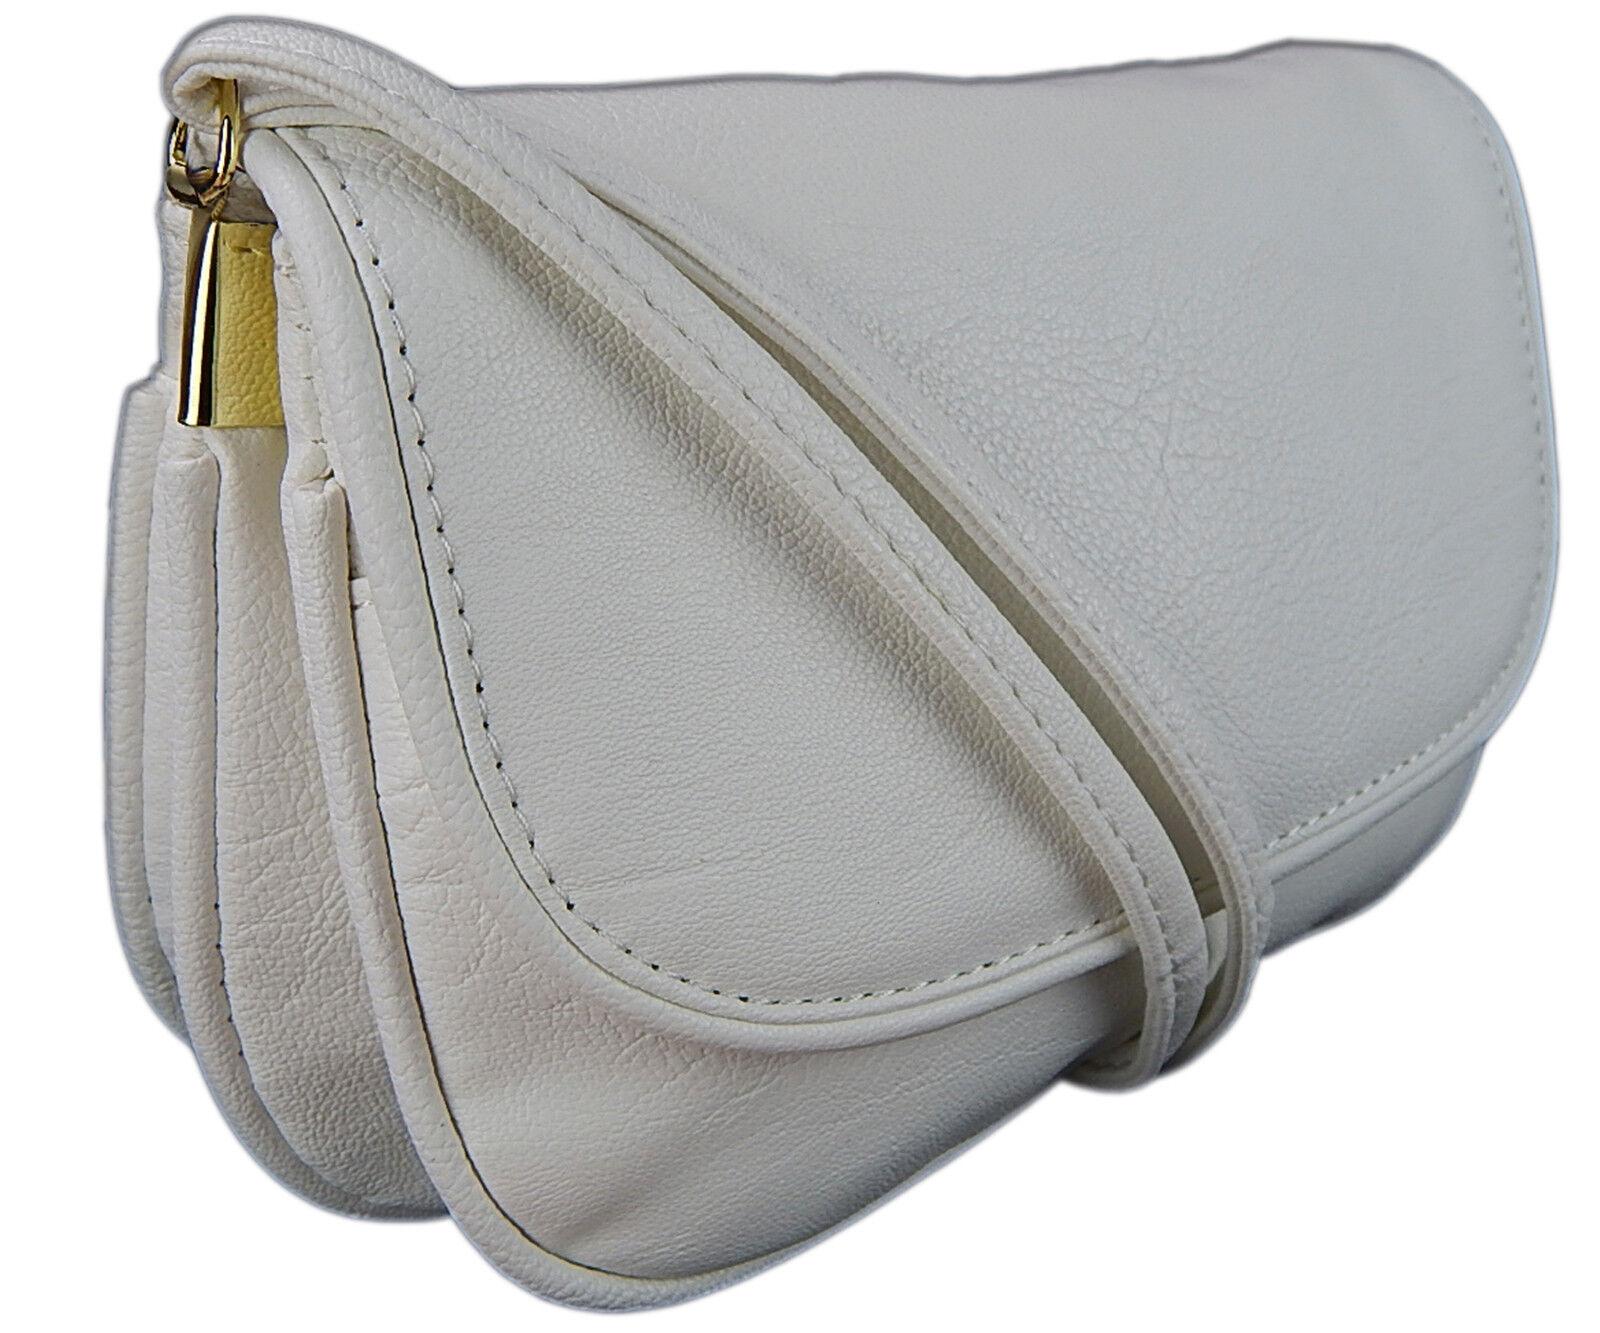 kleine Abendtasche Damentasche Exklusive Umhängetasche Premium Handtasche Weiß